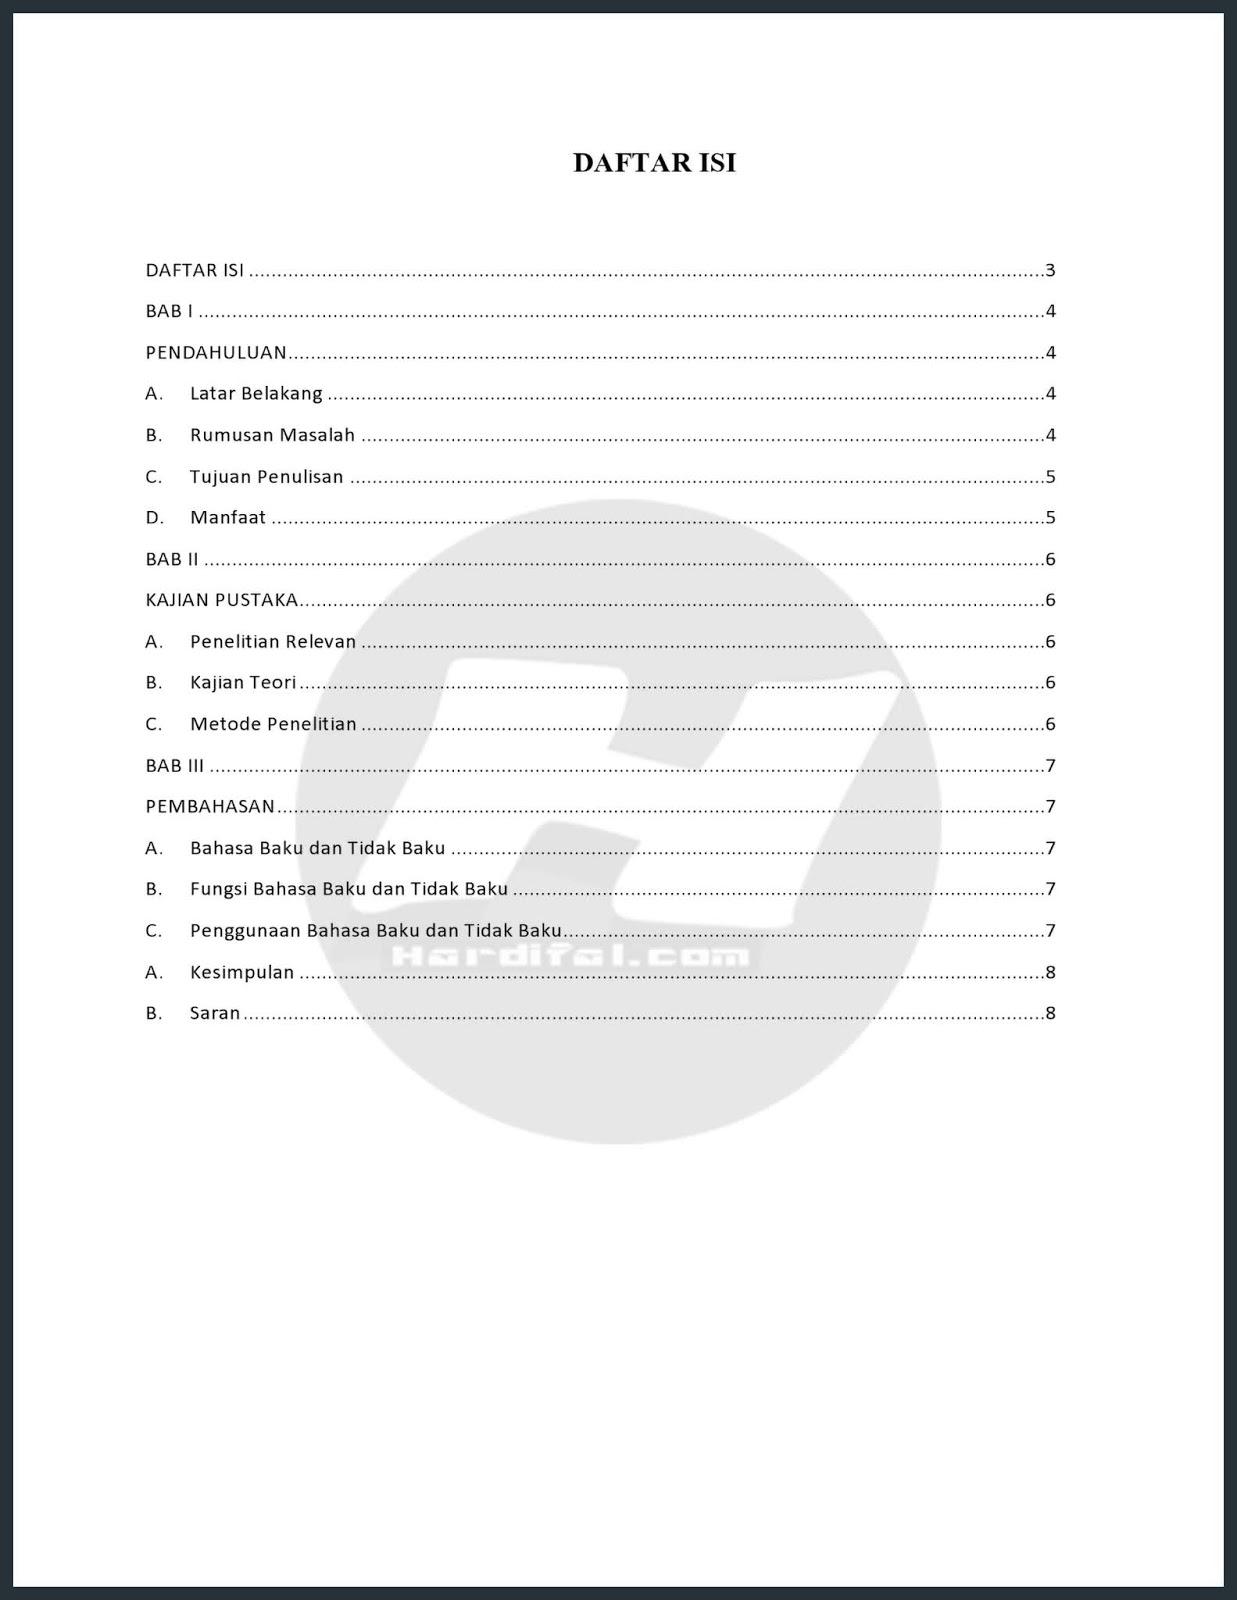 Cara Membuat Titik Daftar Isi Otomatis Di Word 2010 Untuk Makalah